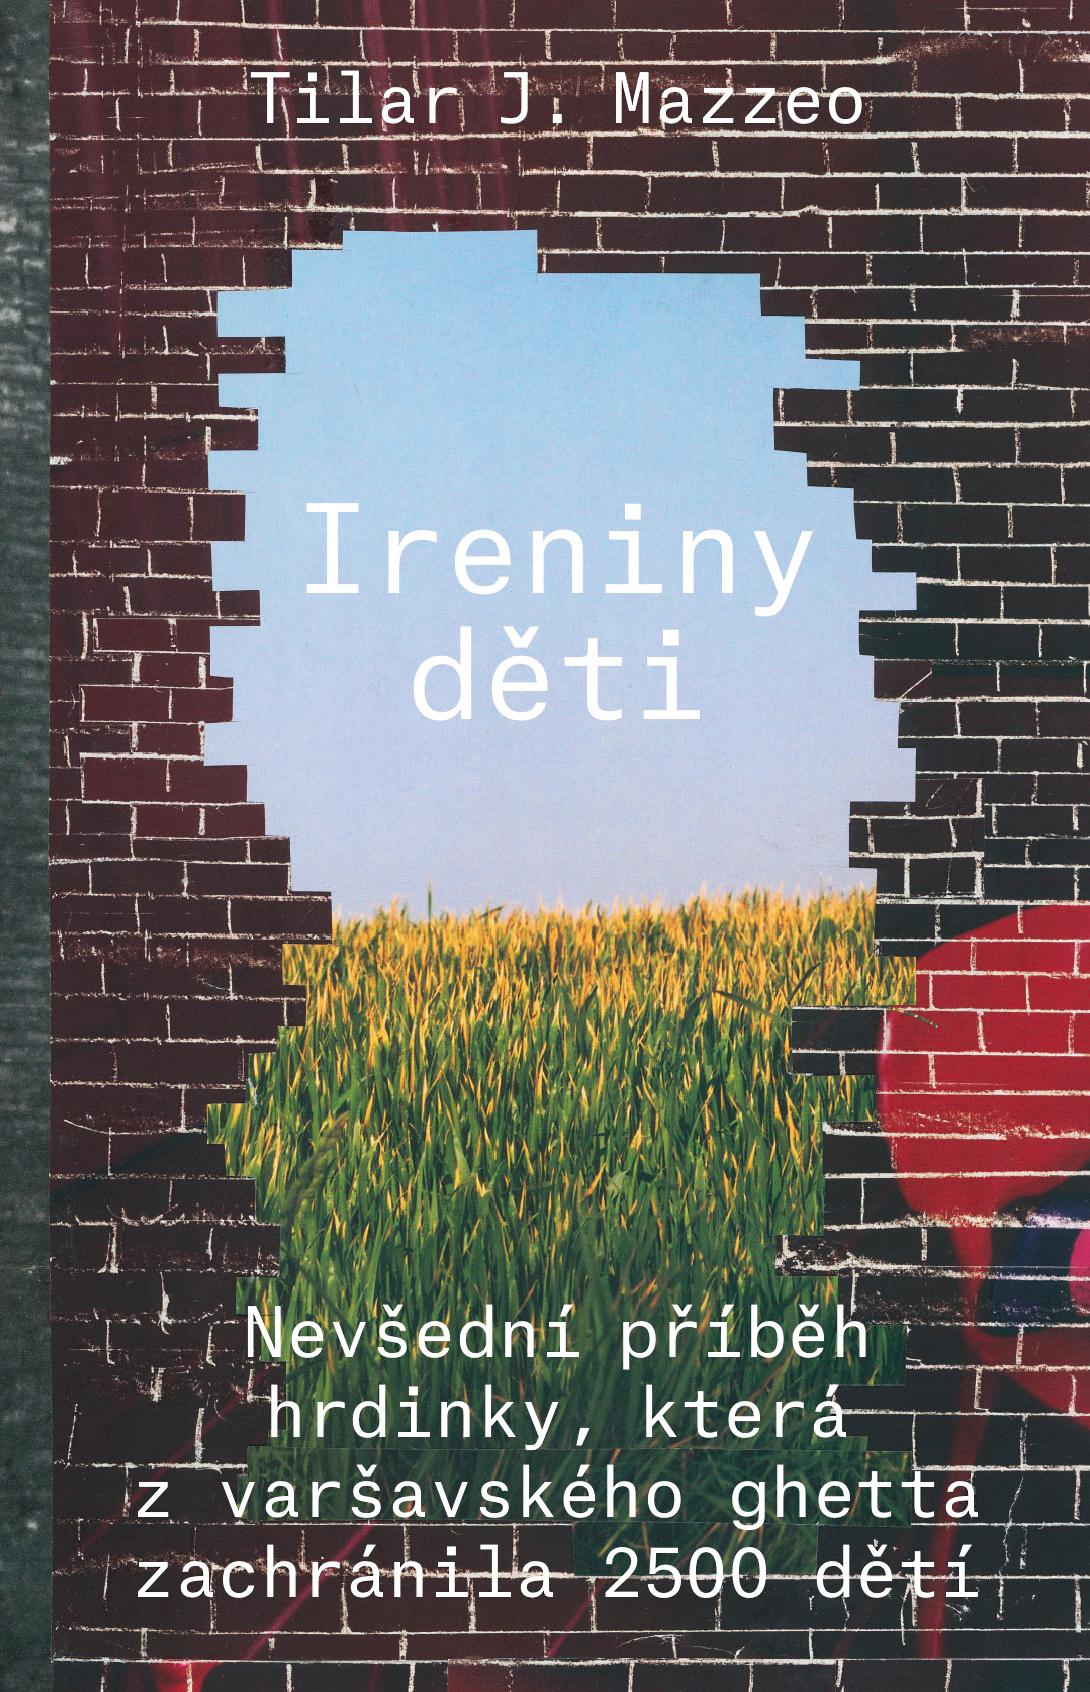 Ireniny deti - Nevšední příběh hrdinky, která zvaršavského ghetta zachránila 2500 dětí